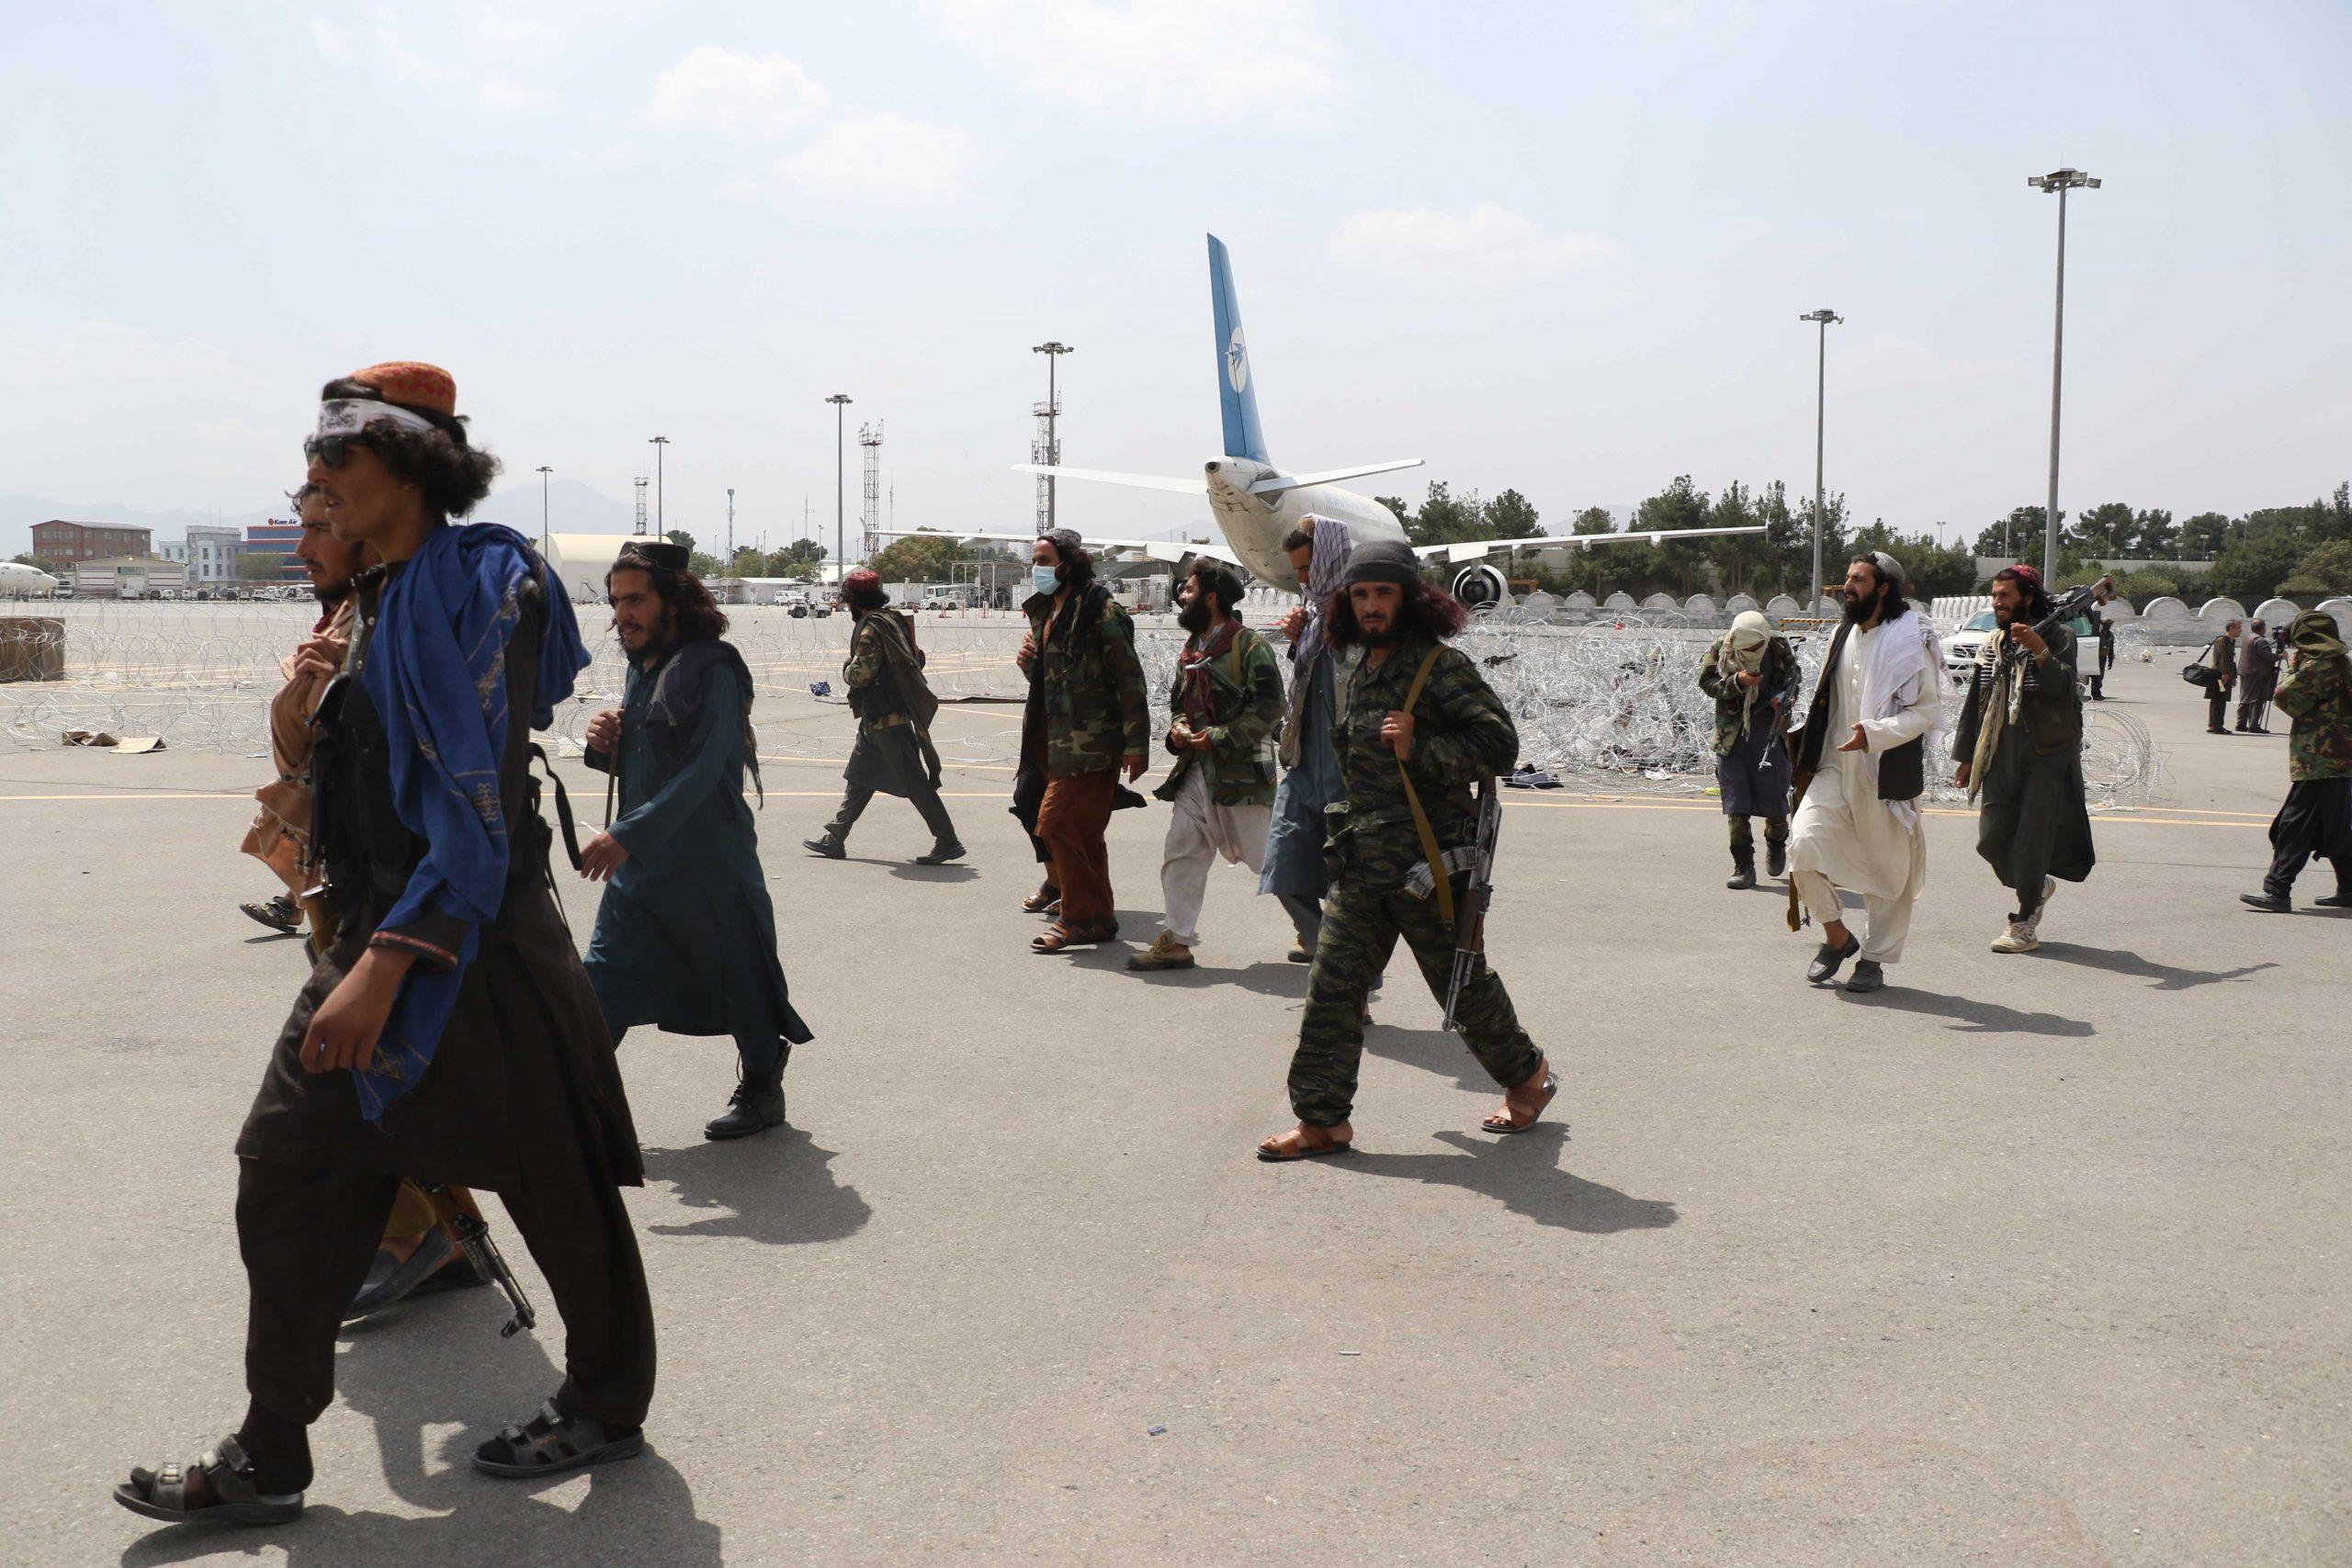 ukrainians in afganistan gettyimages 1234977687 scaled - <b>Громадяни України чекають на евакуацію з Афганістану, багатьом загрожує смерть.</b> Ми поговорили з цими сім'ями - Заборона